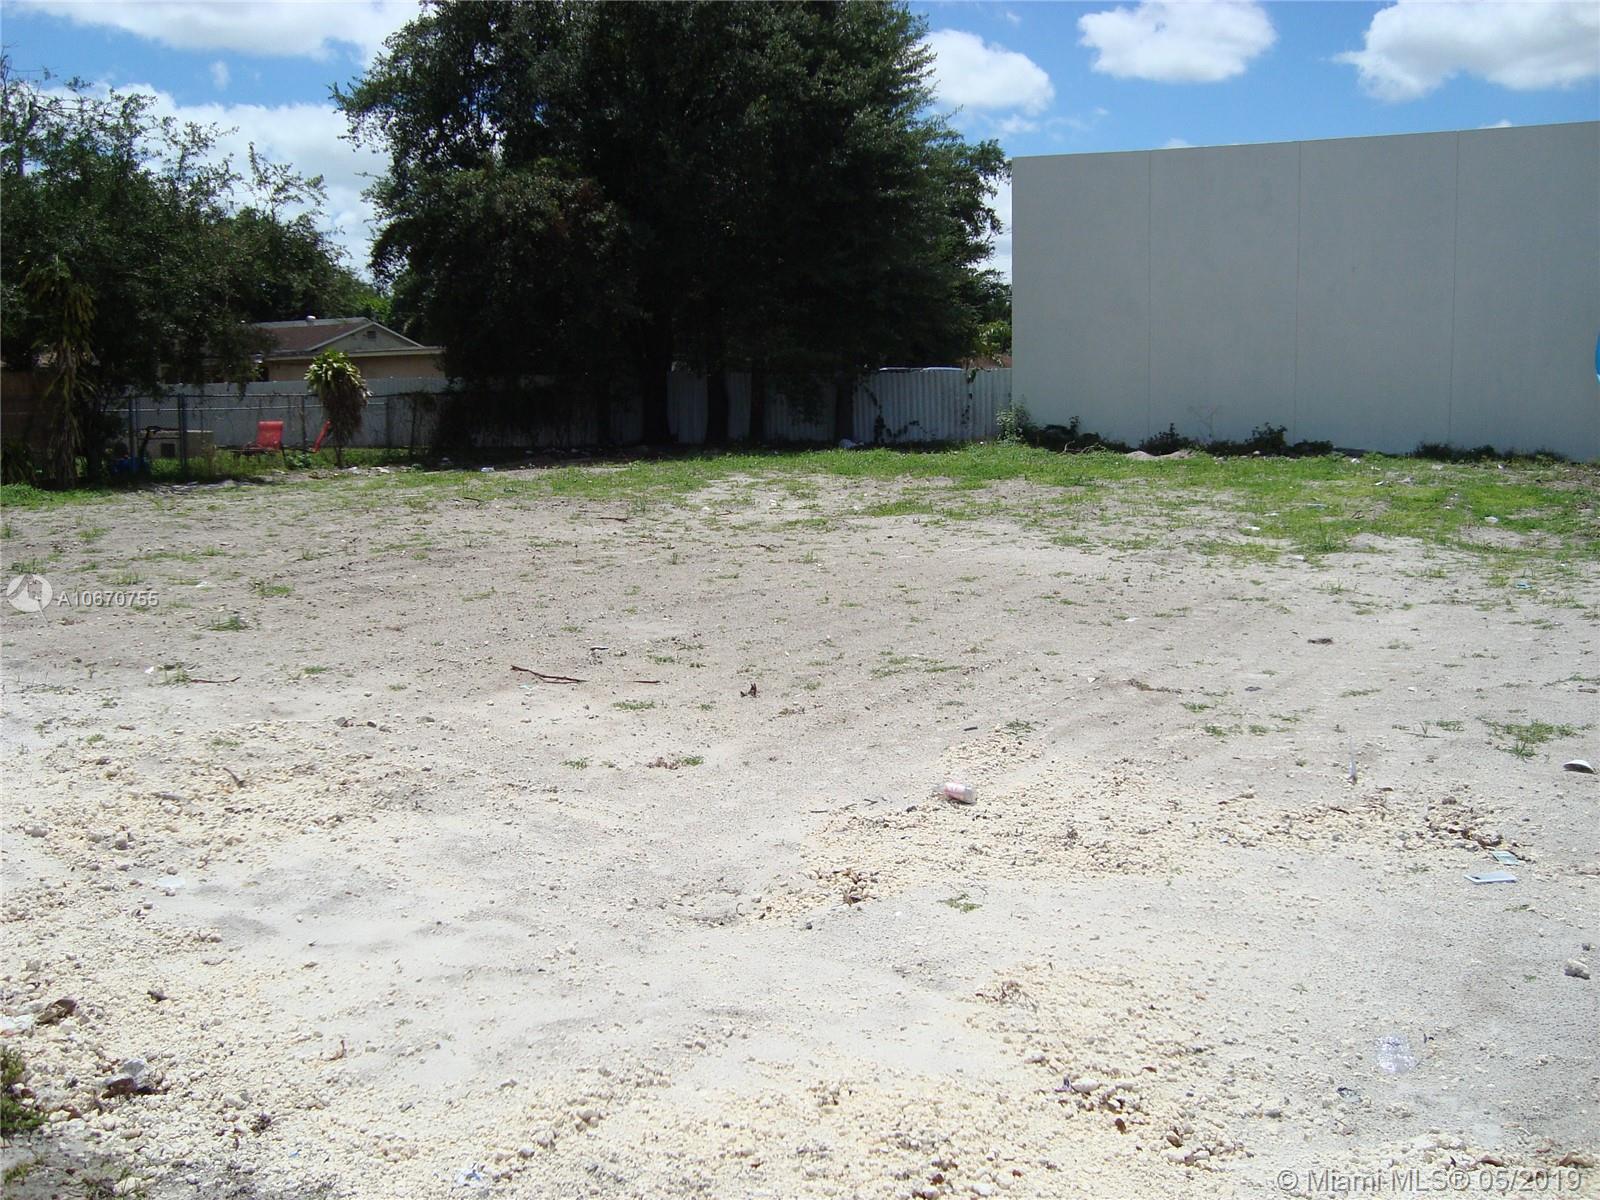 9229 NW 22 Ave Miami, FL - Image 0